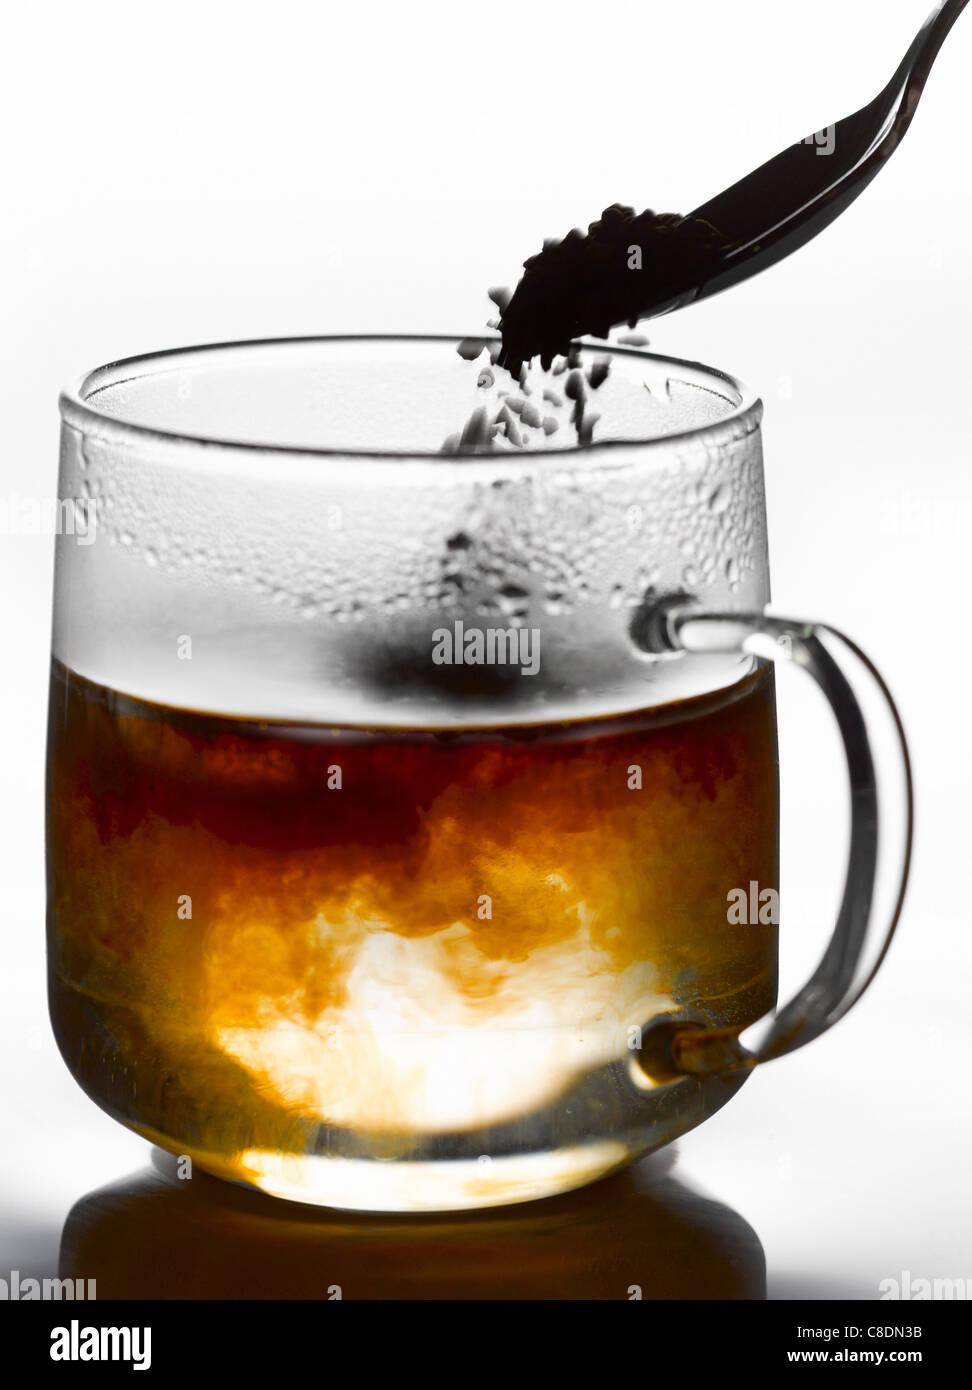 Aggiungere il caffè istantaneo per una tazza di acqua calda bollente Immagini Stock